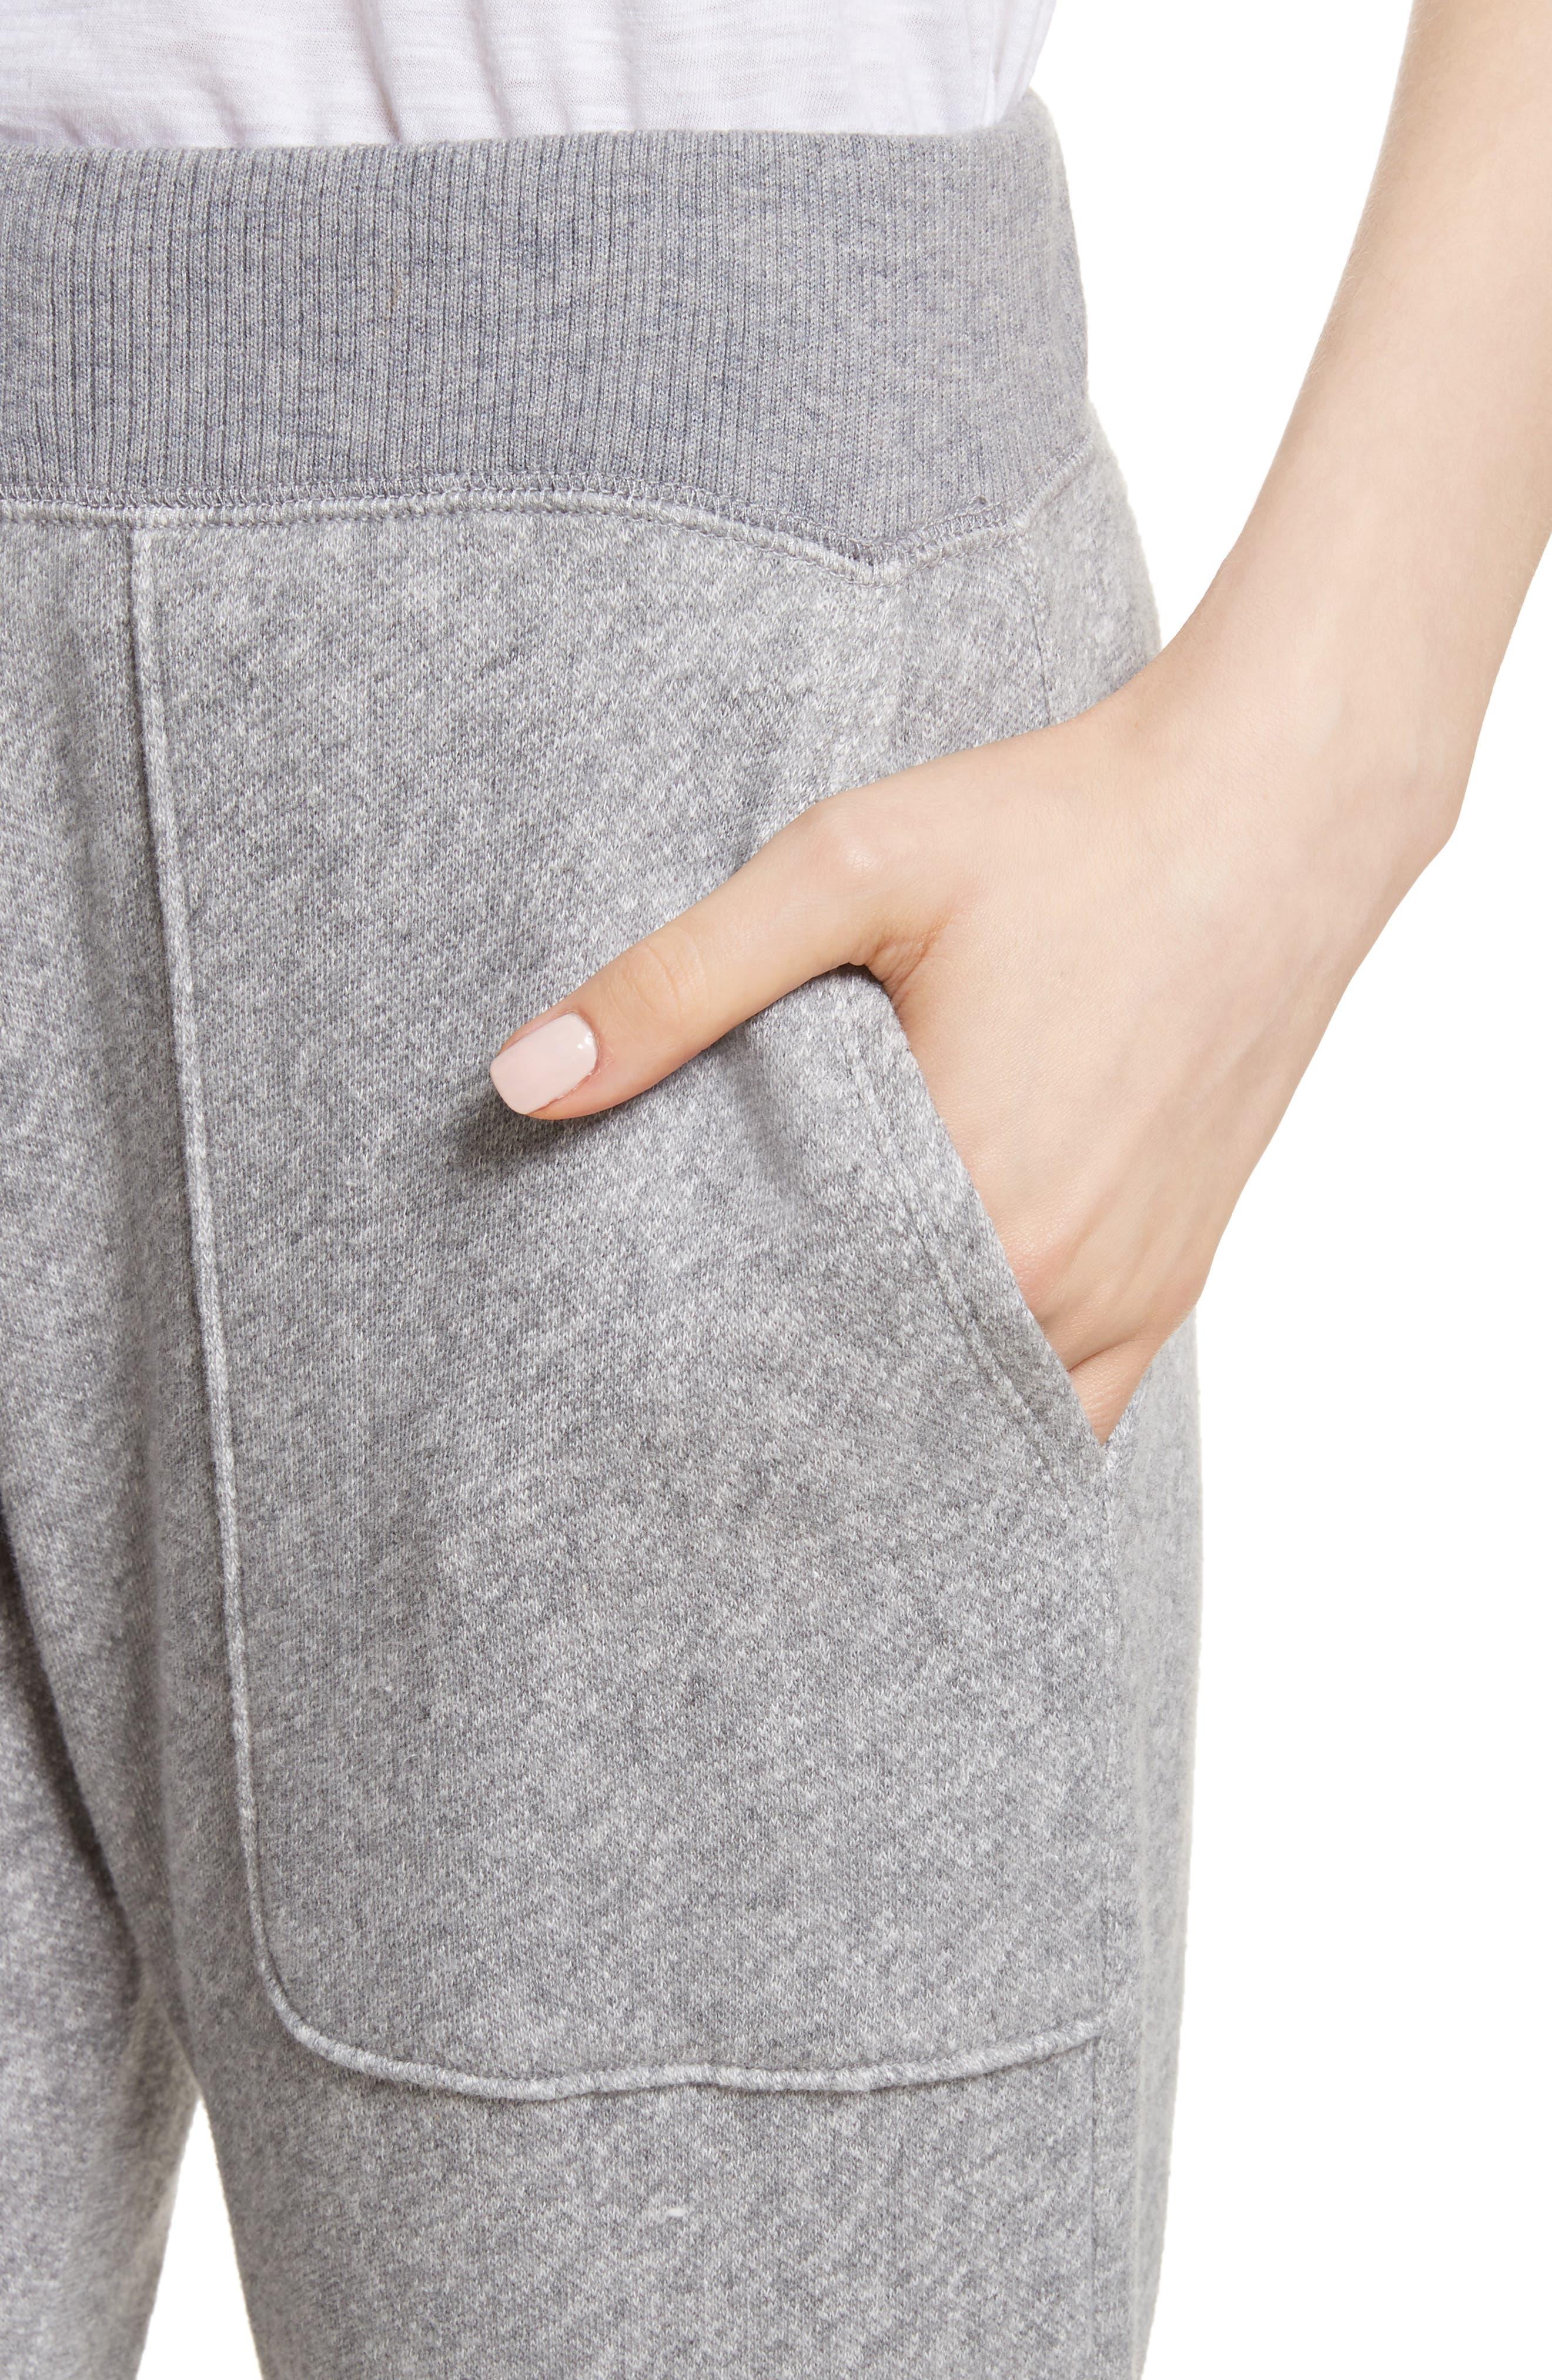 Denicah Cotton Sweatpants,                             Alternate thumbnail 4, color,